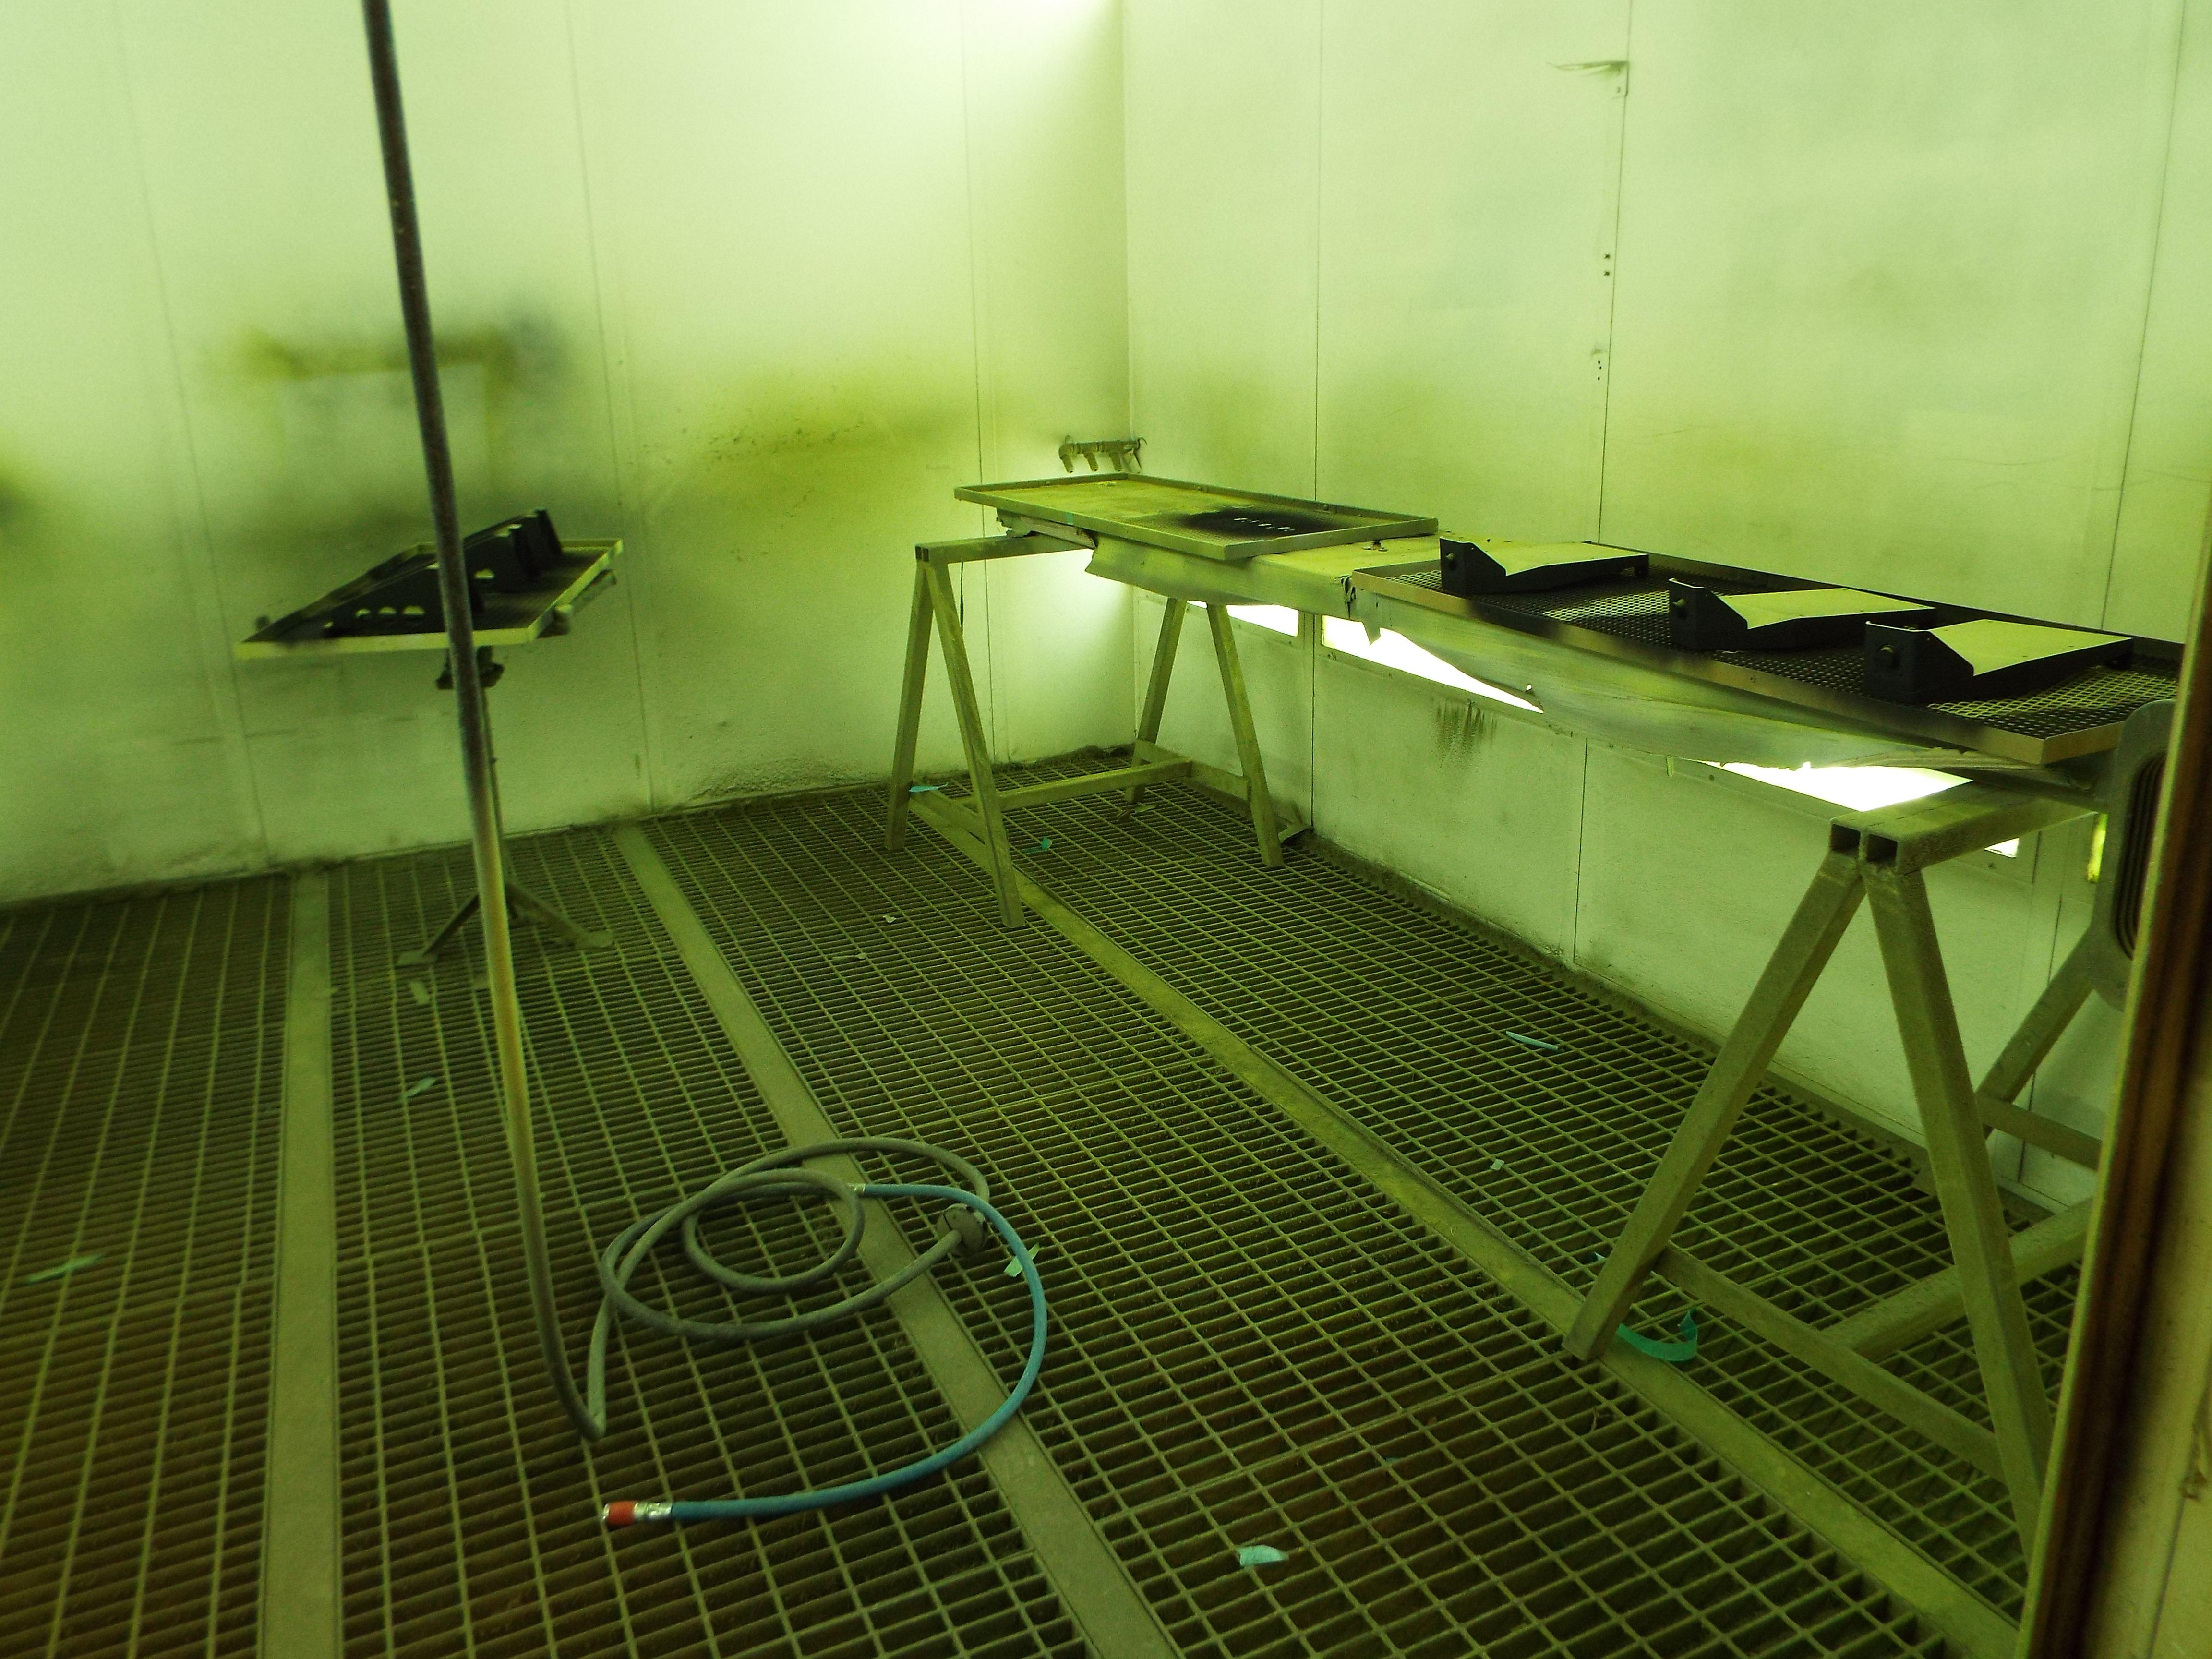 Lot 16 - CMC Eurotecno Spray Bake Booth